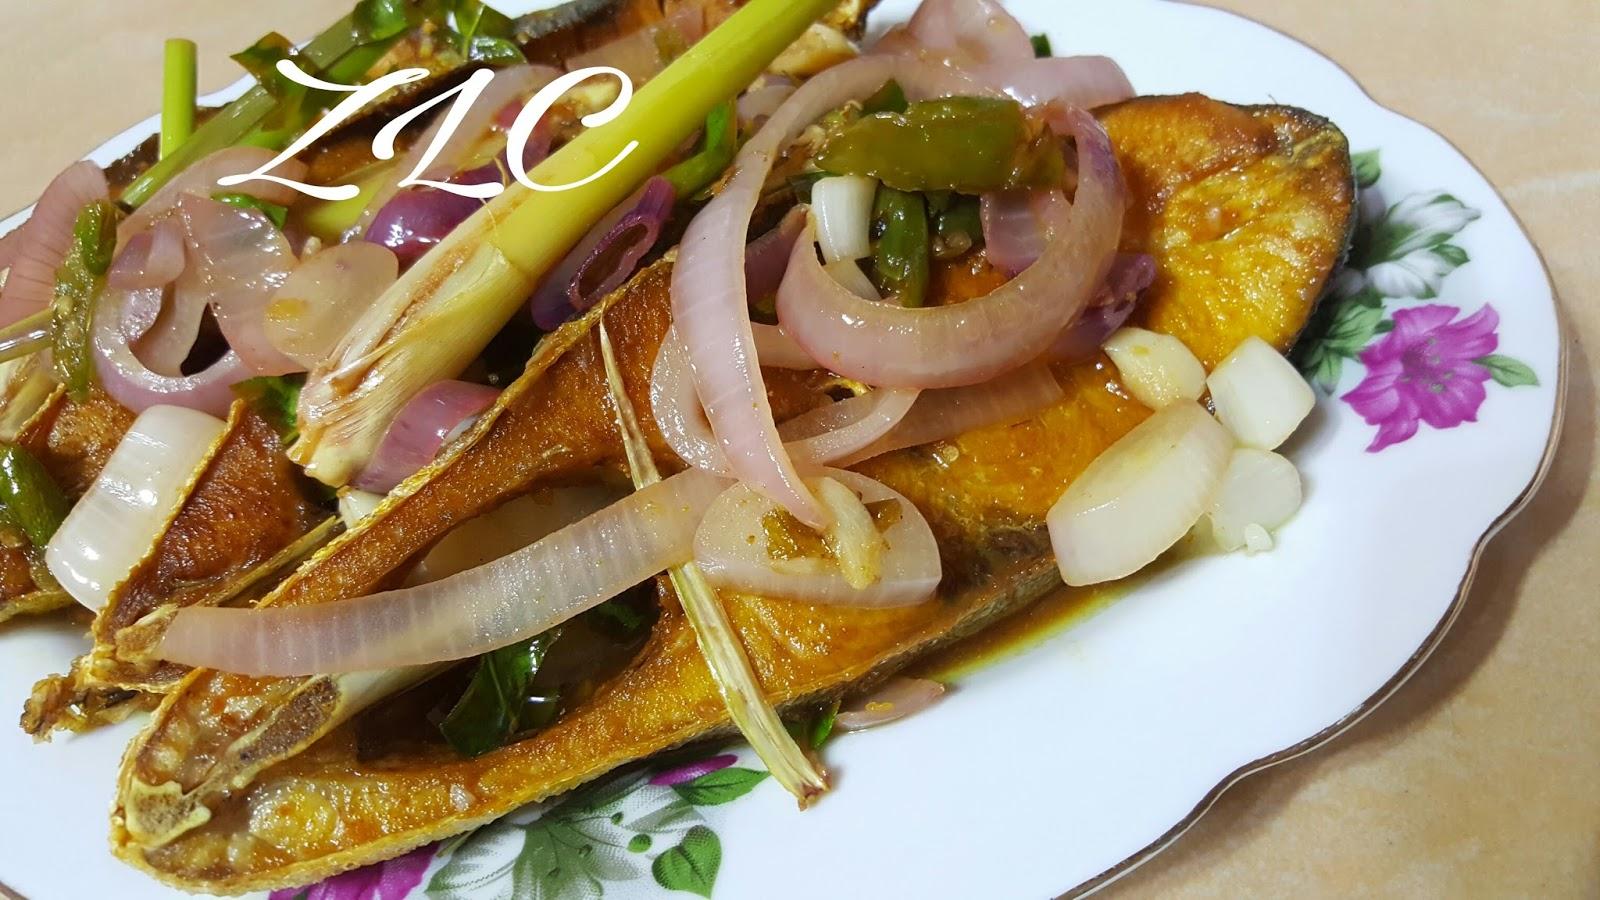 Resepi Ikan Talang Segar Masak Asam ~ Resep Masakan Khas